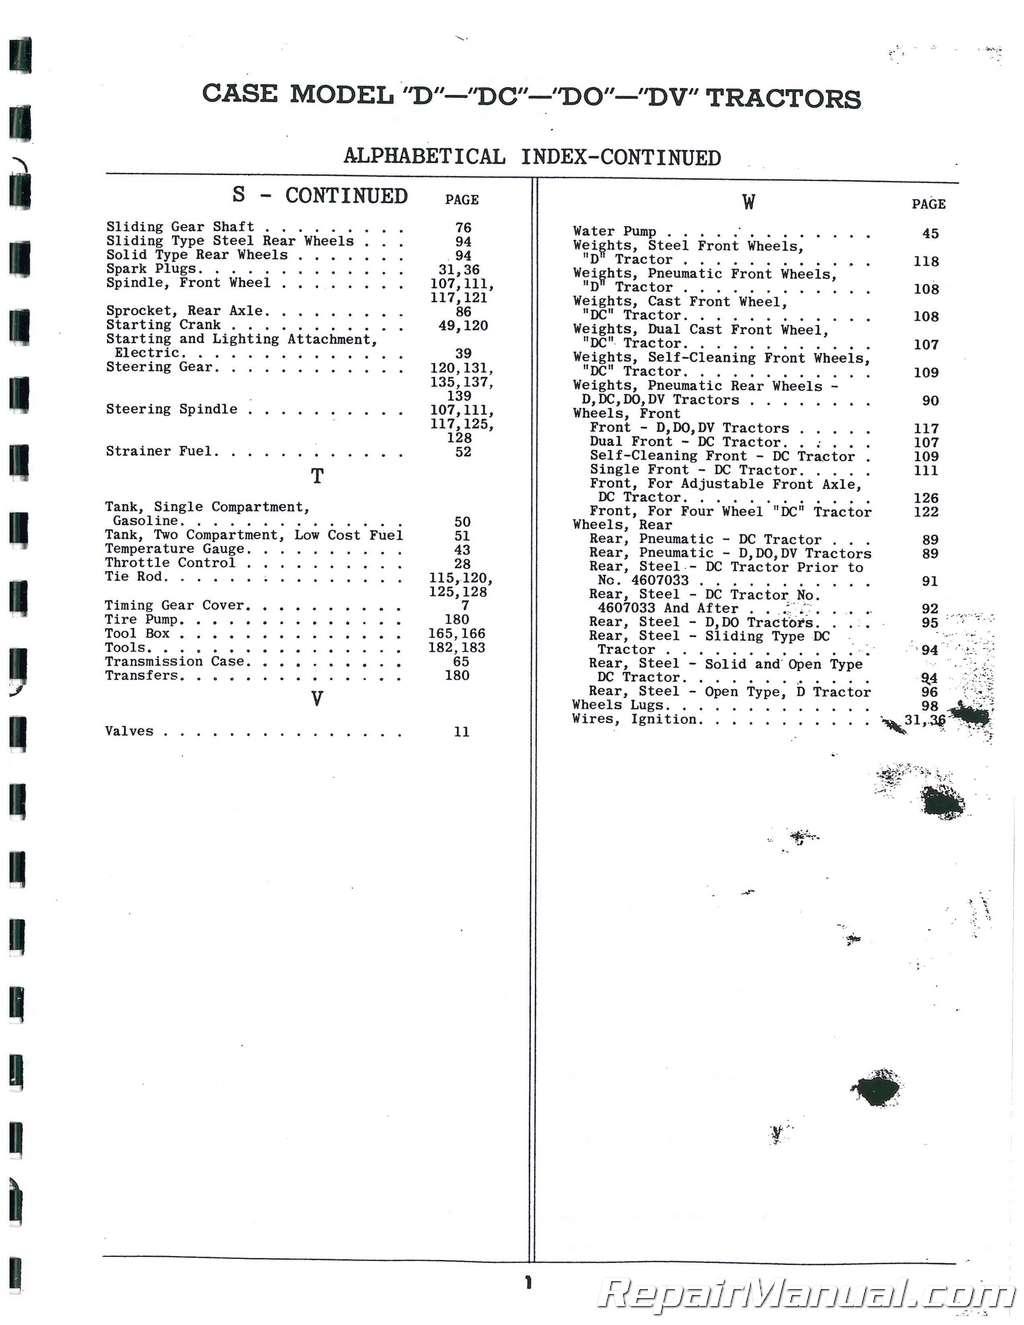 Case D DC DO DV Parts Manual